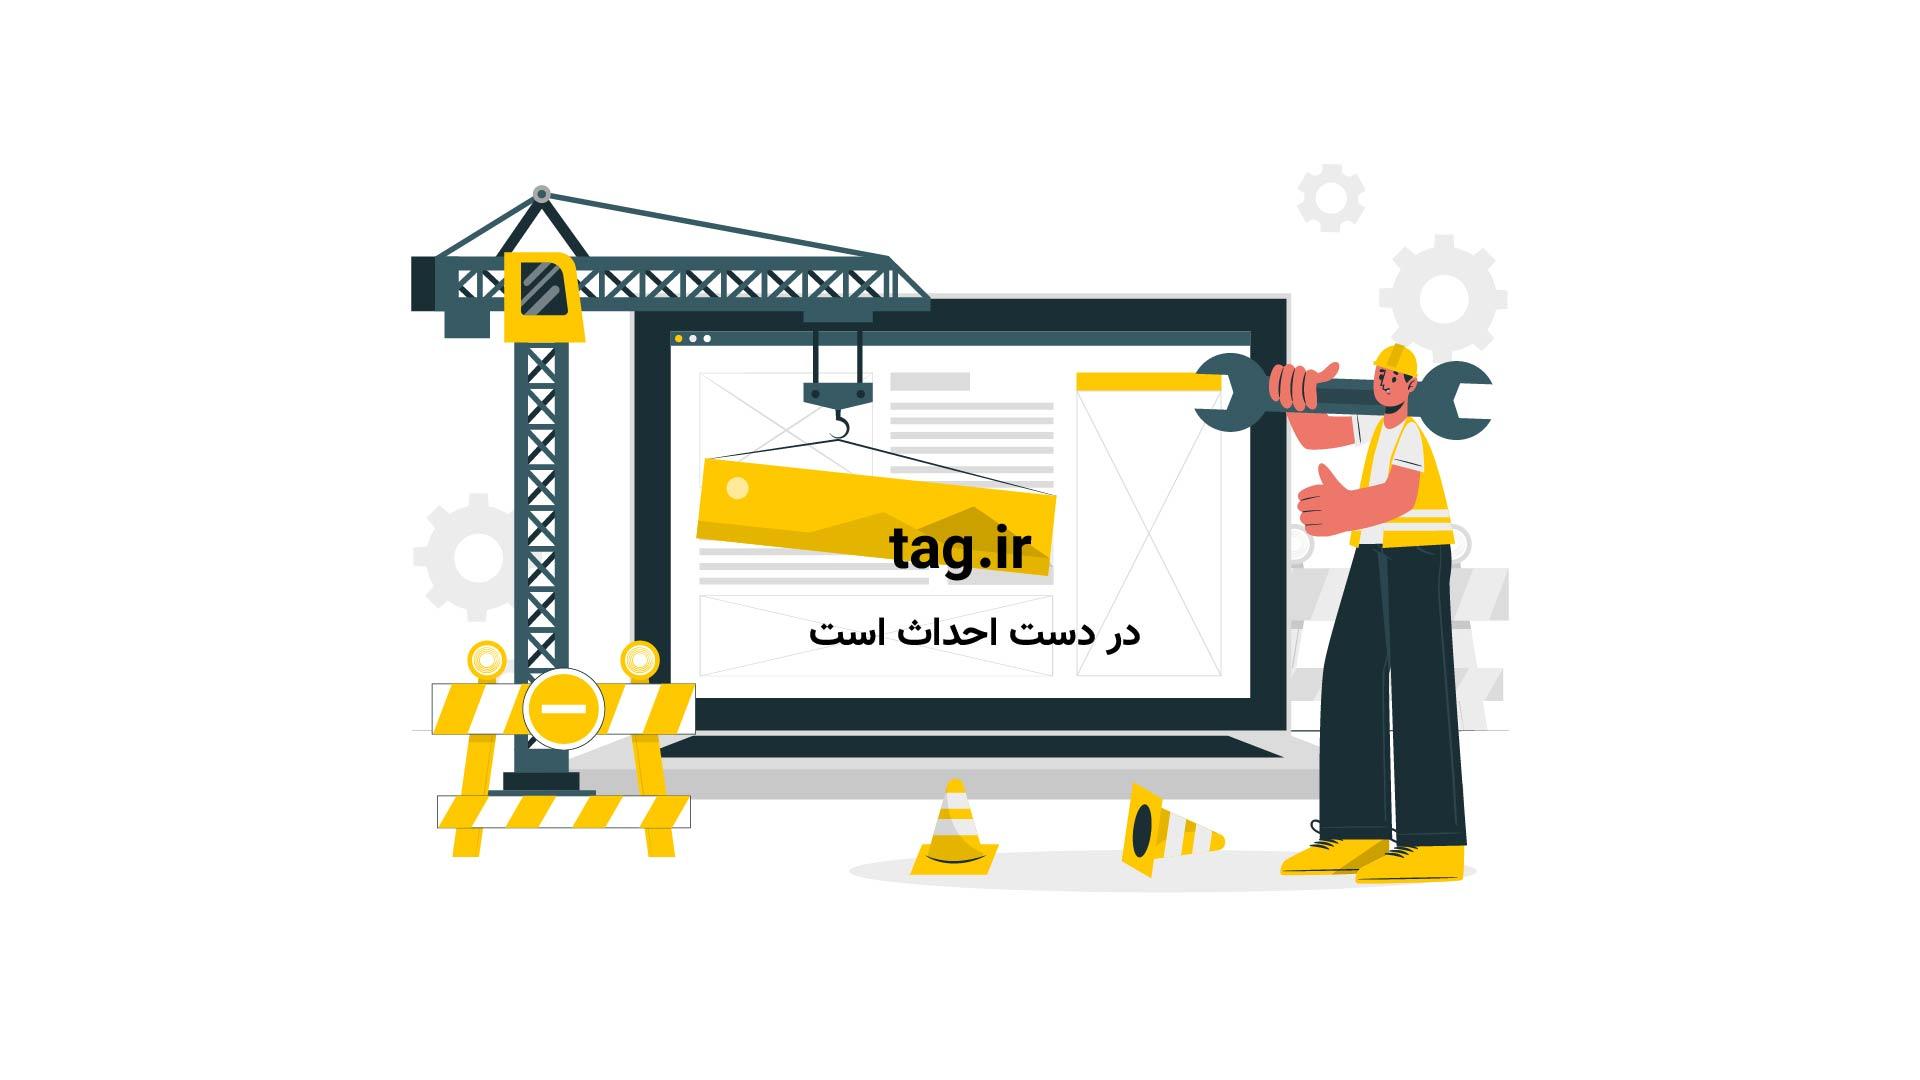 آتش سوزی اسپانیا | تگ